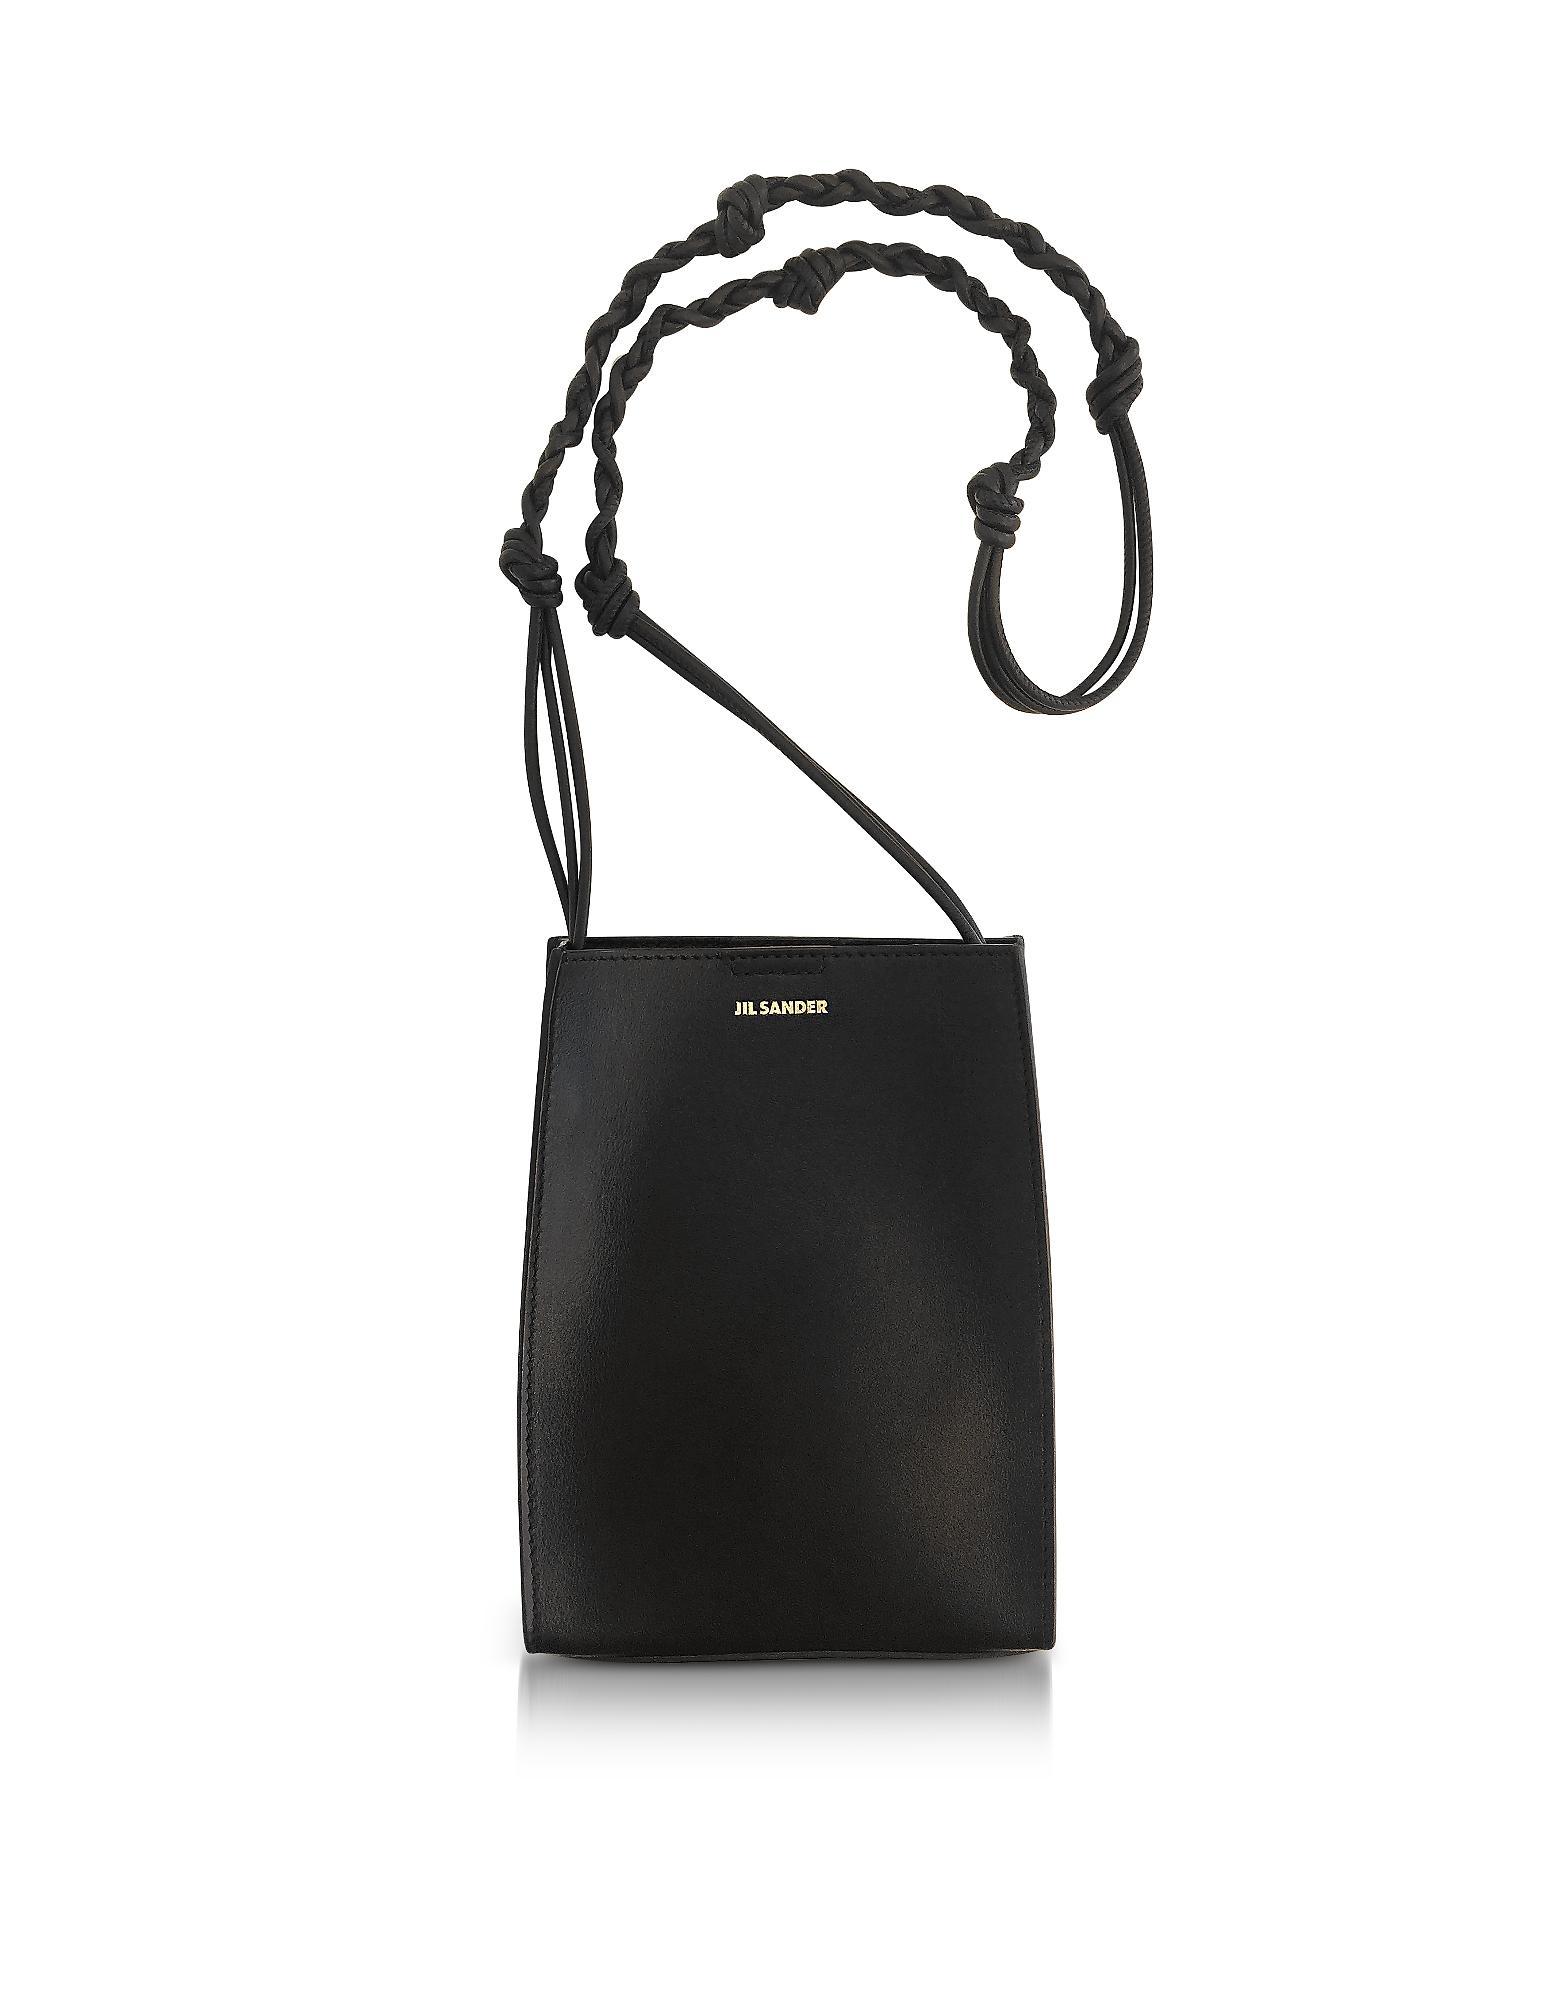 Jil Sander Black Leather Small Tote Bag In Blacknero